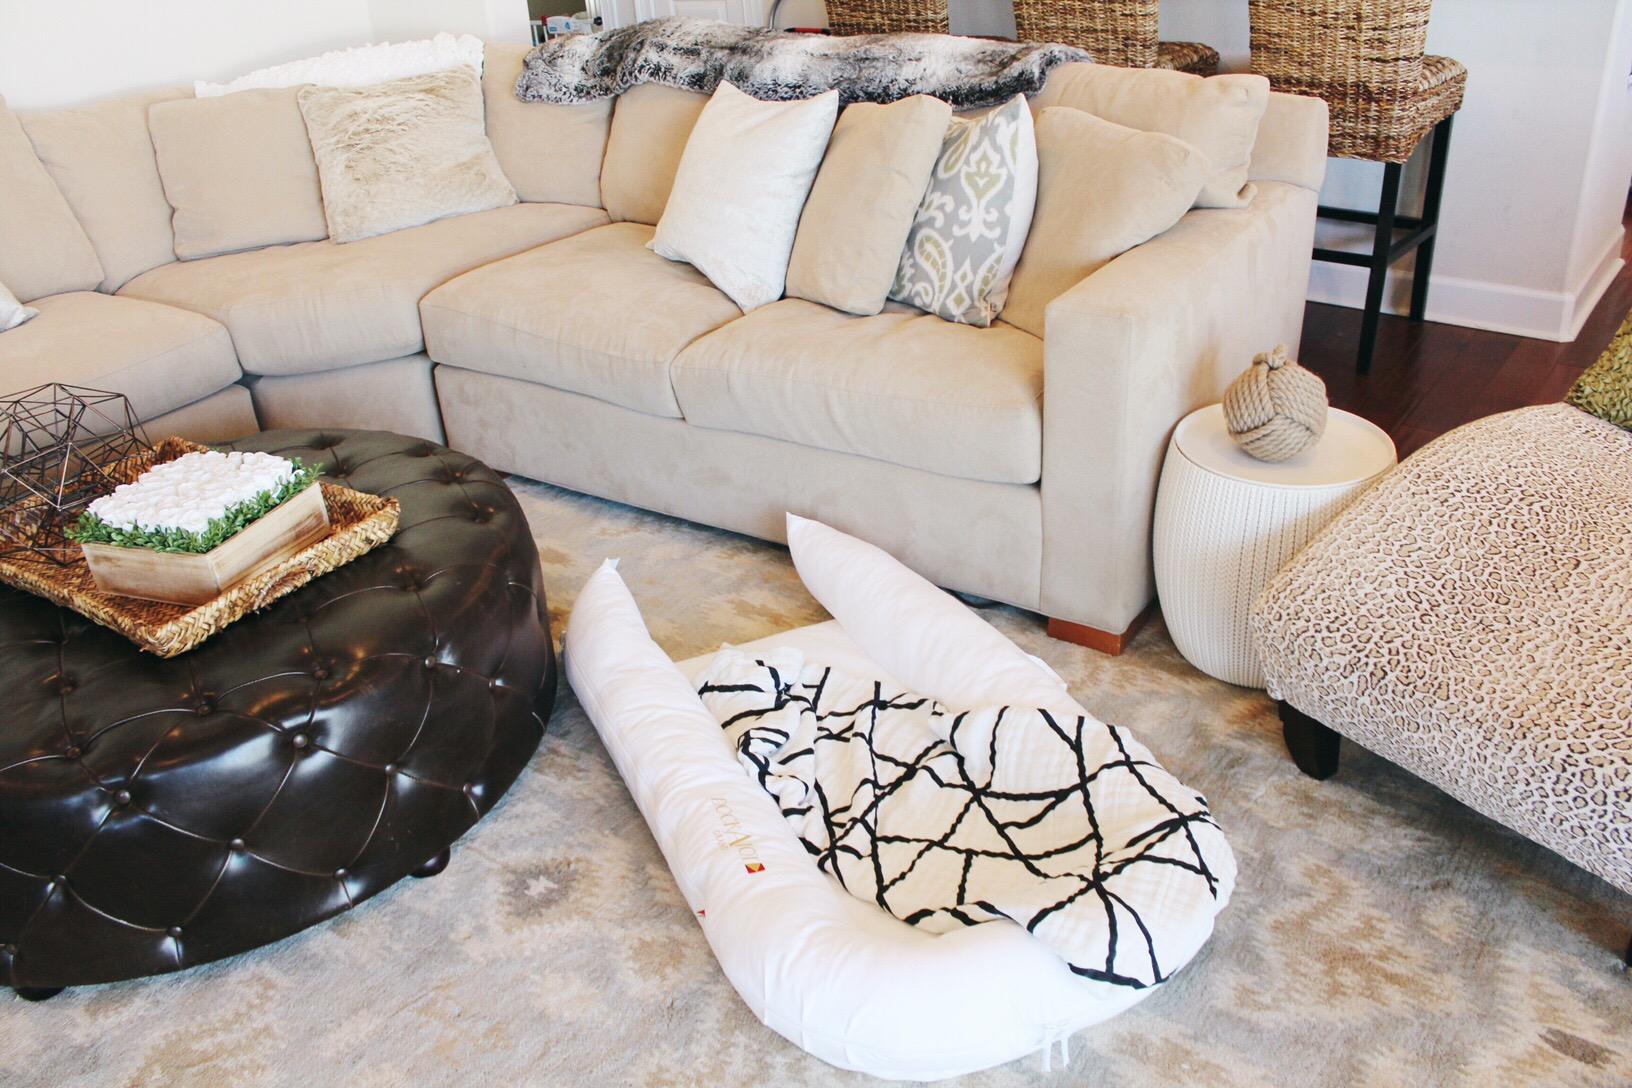 ... Living Room Design, Design Ideas For Kids, Kidproof Decor, Family Room  Design, Part 53